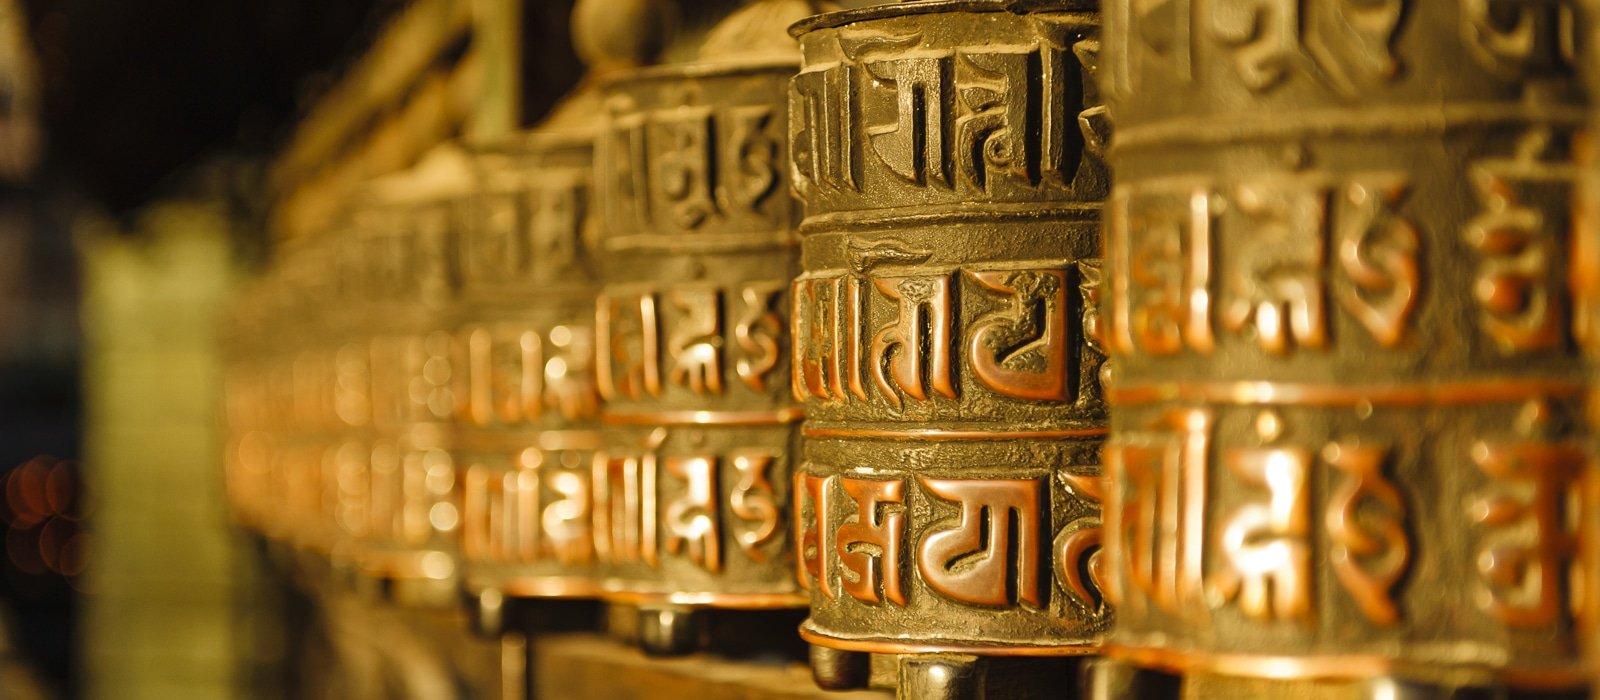 Voyage organisé en petit groupe - moulins prières - Népal - Agence de voyage Les Routes du Monde